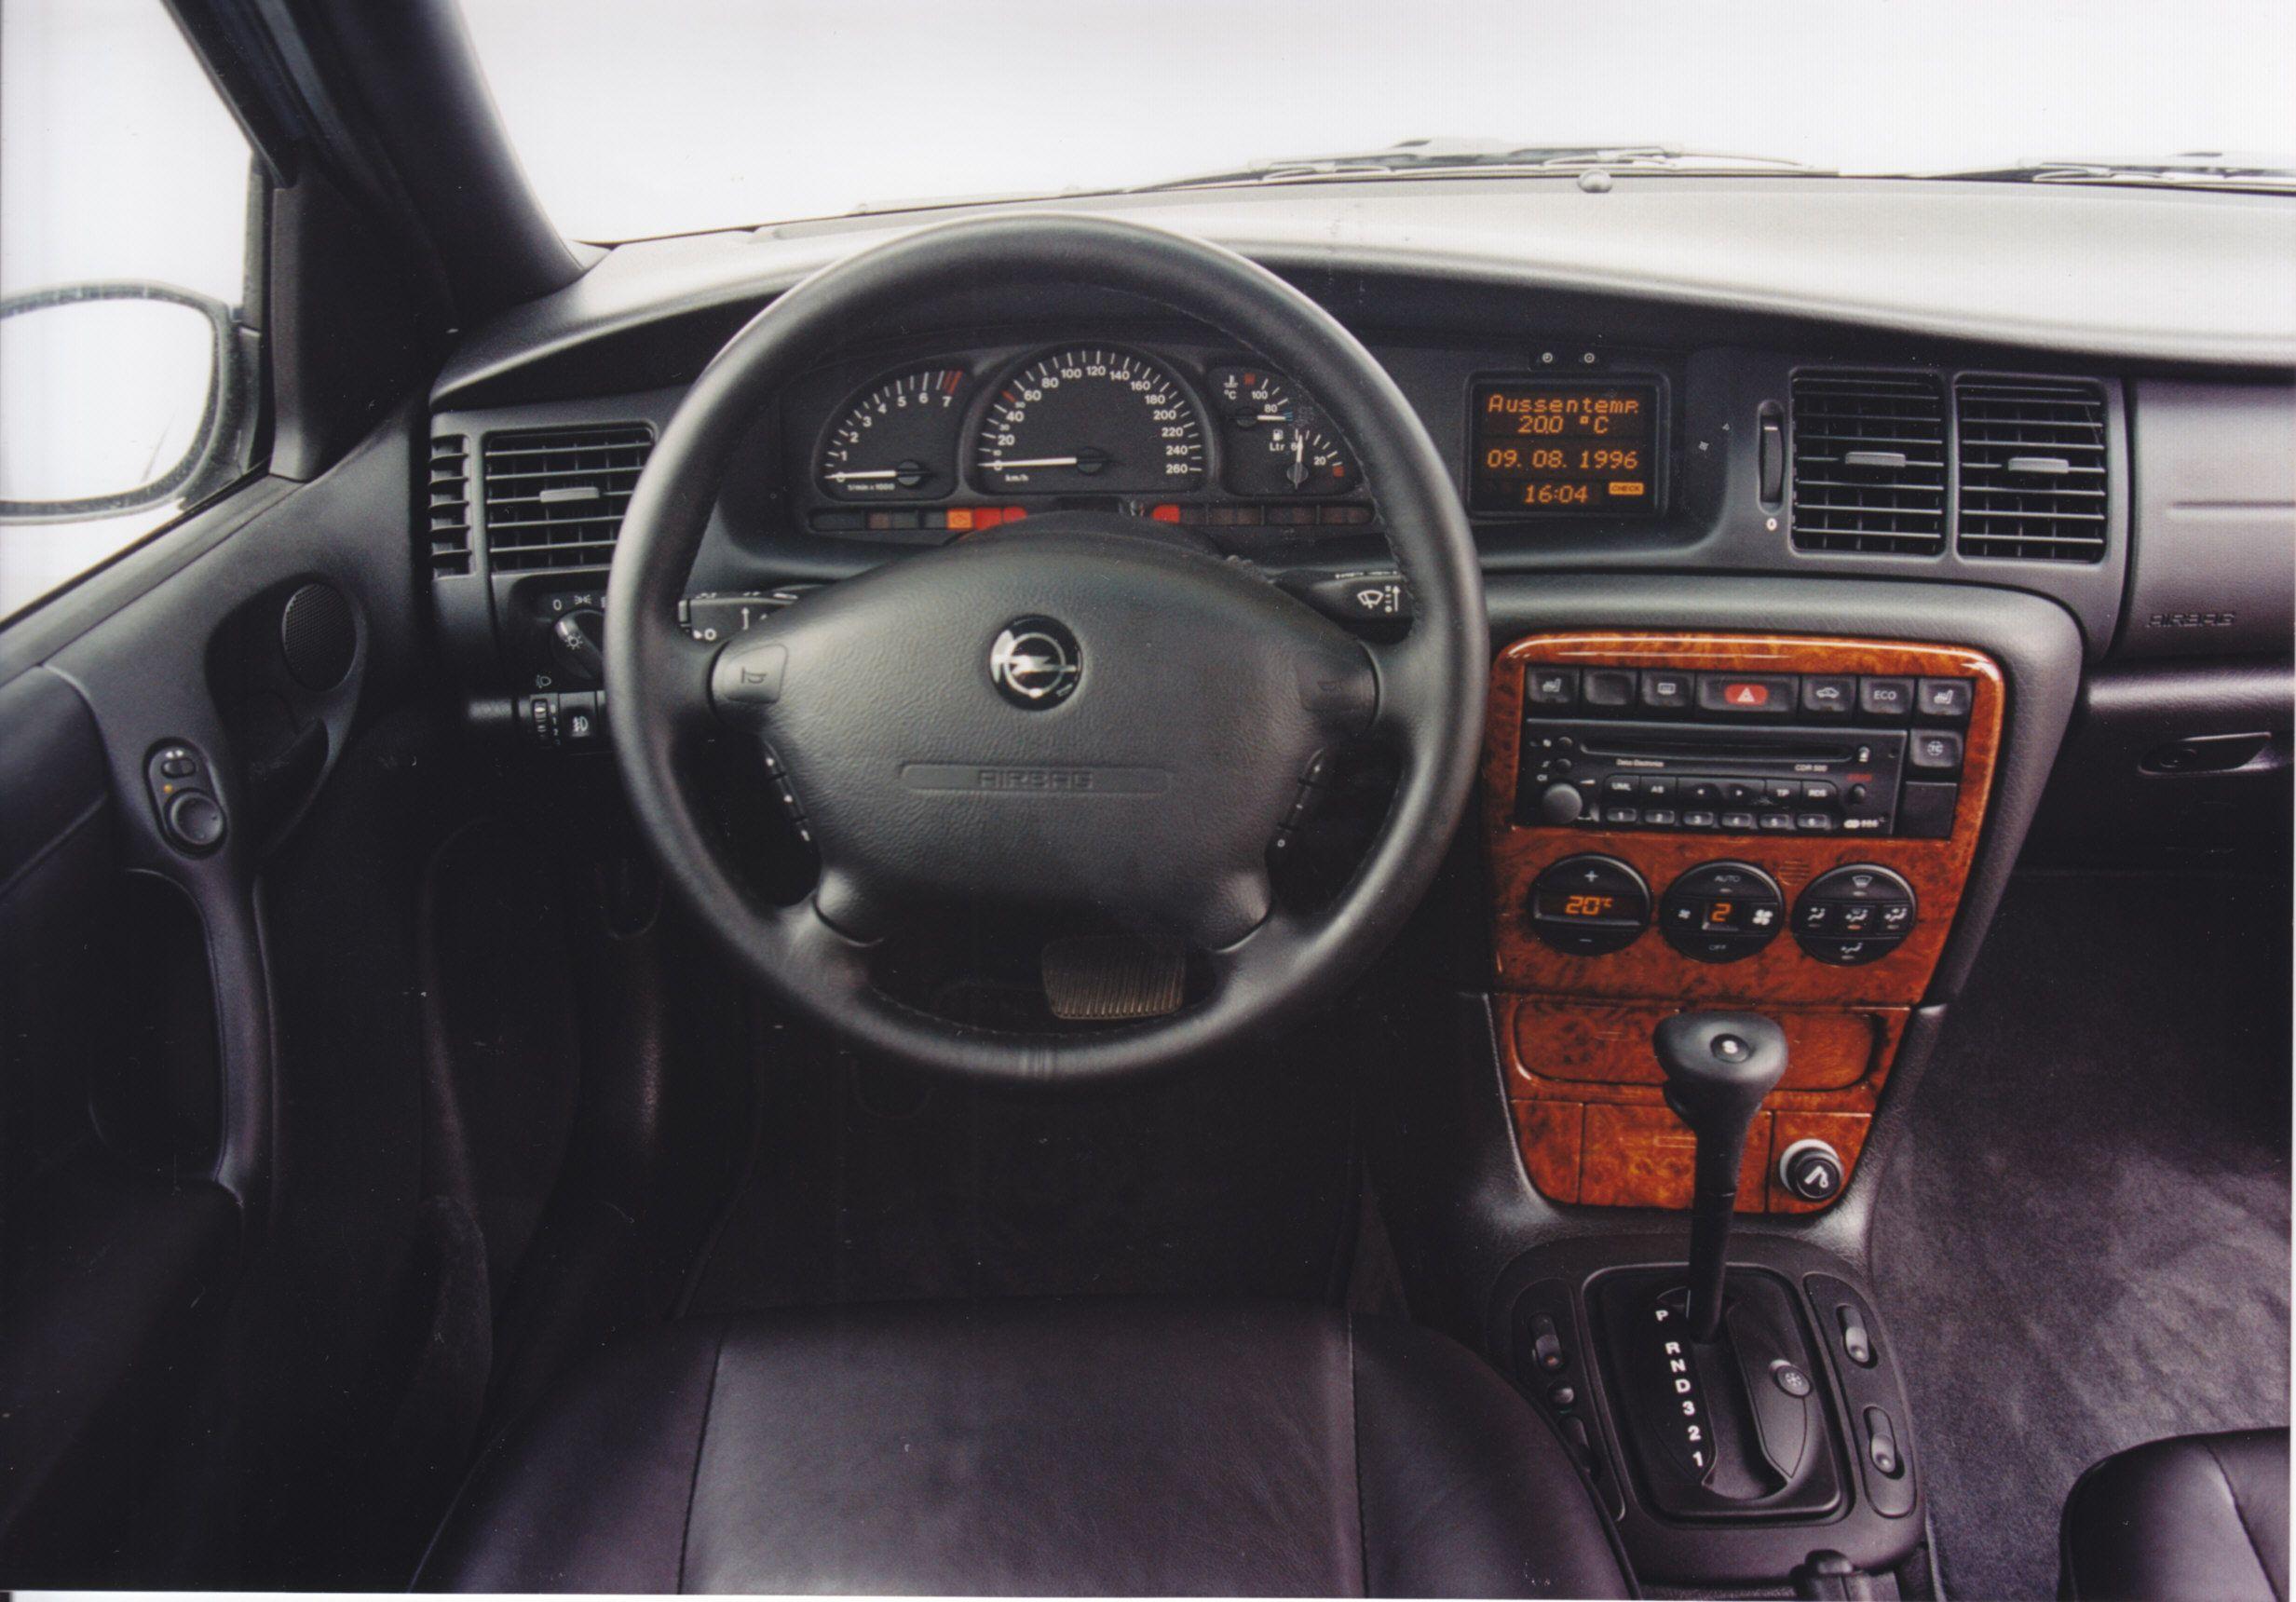 Opel Vectra Caravan Dashboard 5 Languages 09 1996 Opel Vectra Automotive Interior Car Interior